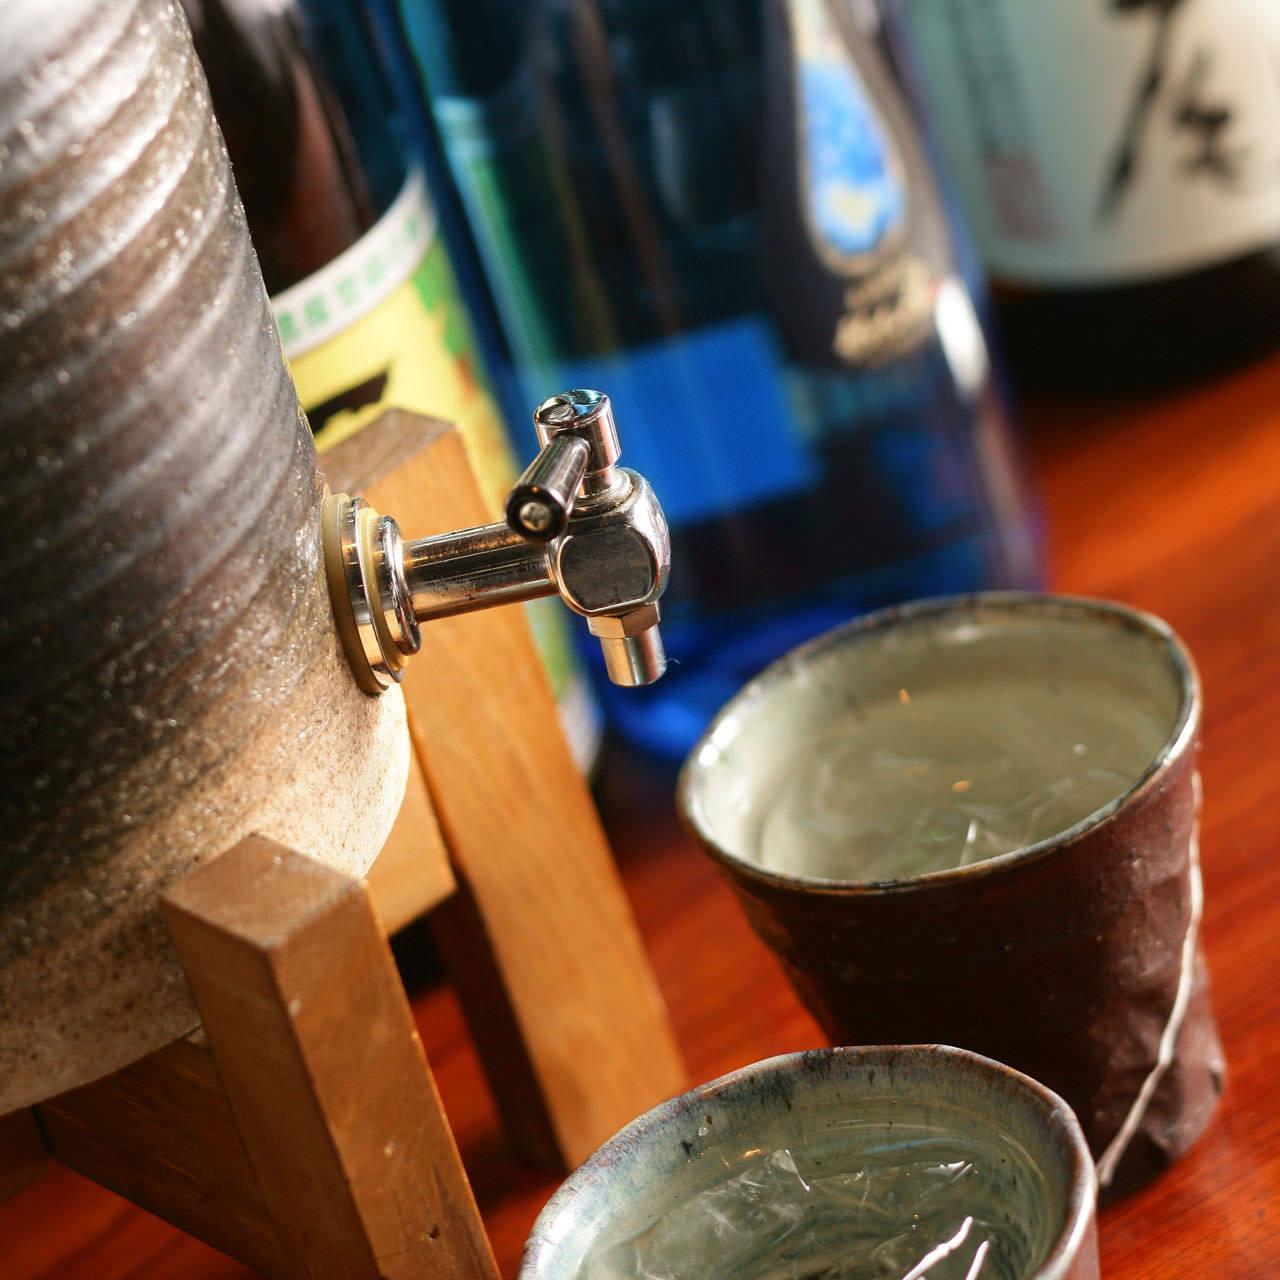 【飲み放題】当日OK!圧巻の焼酎180種類 & ビール・サワー各種ドリンク飲み放題!1時間1500円~